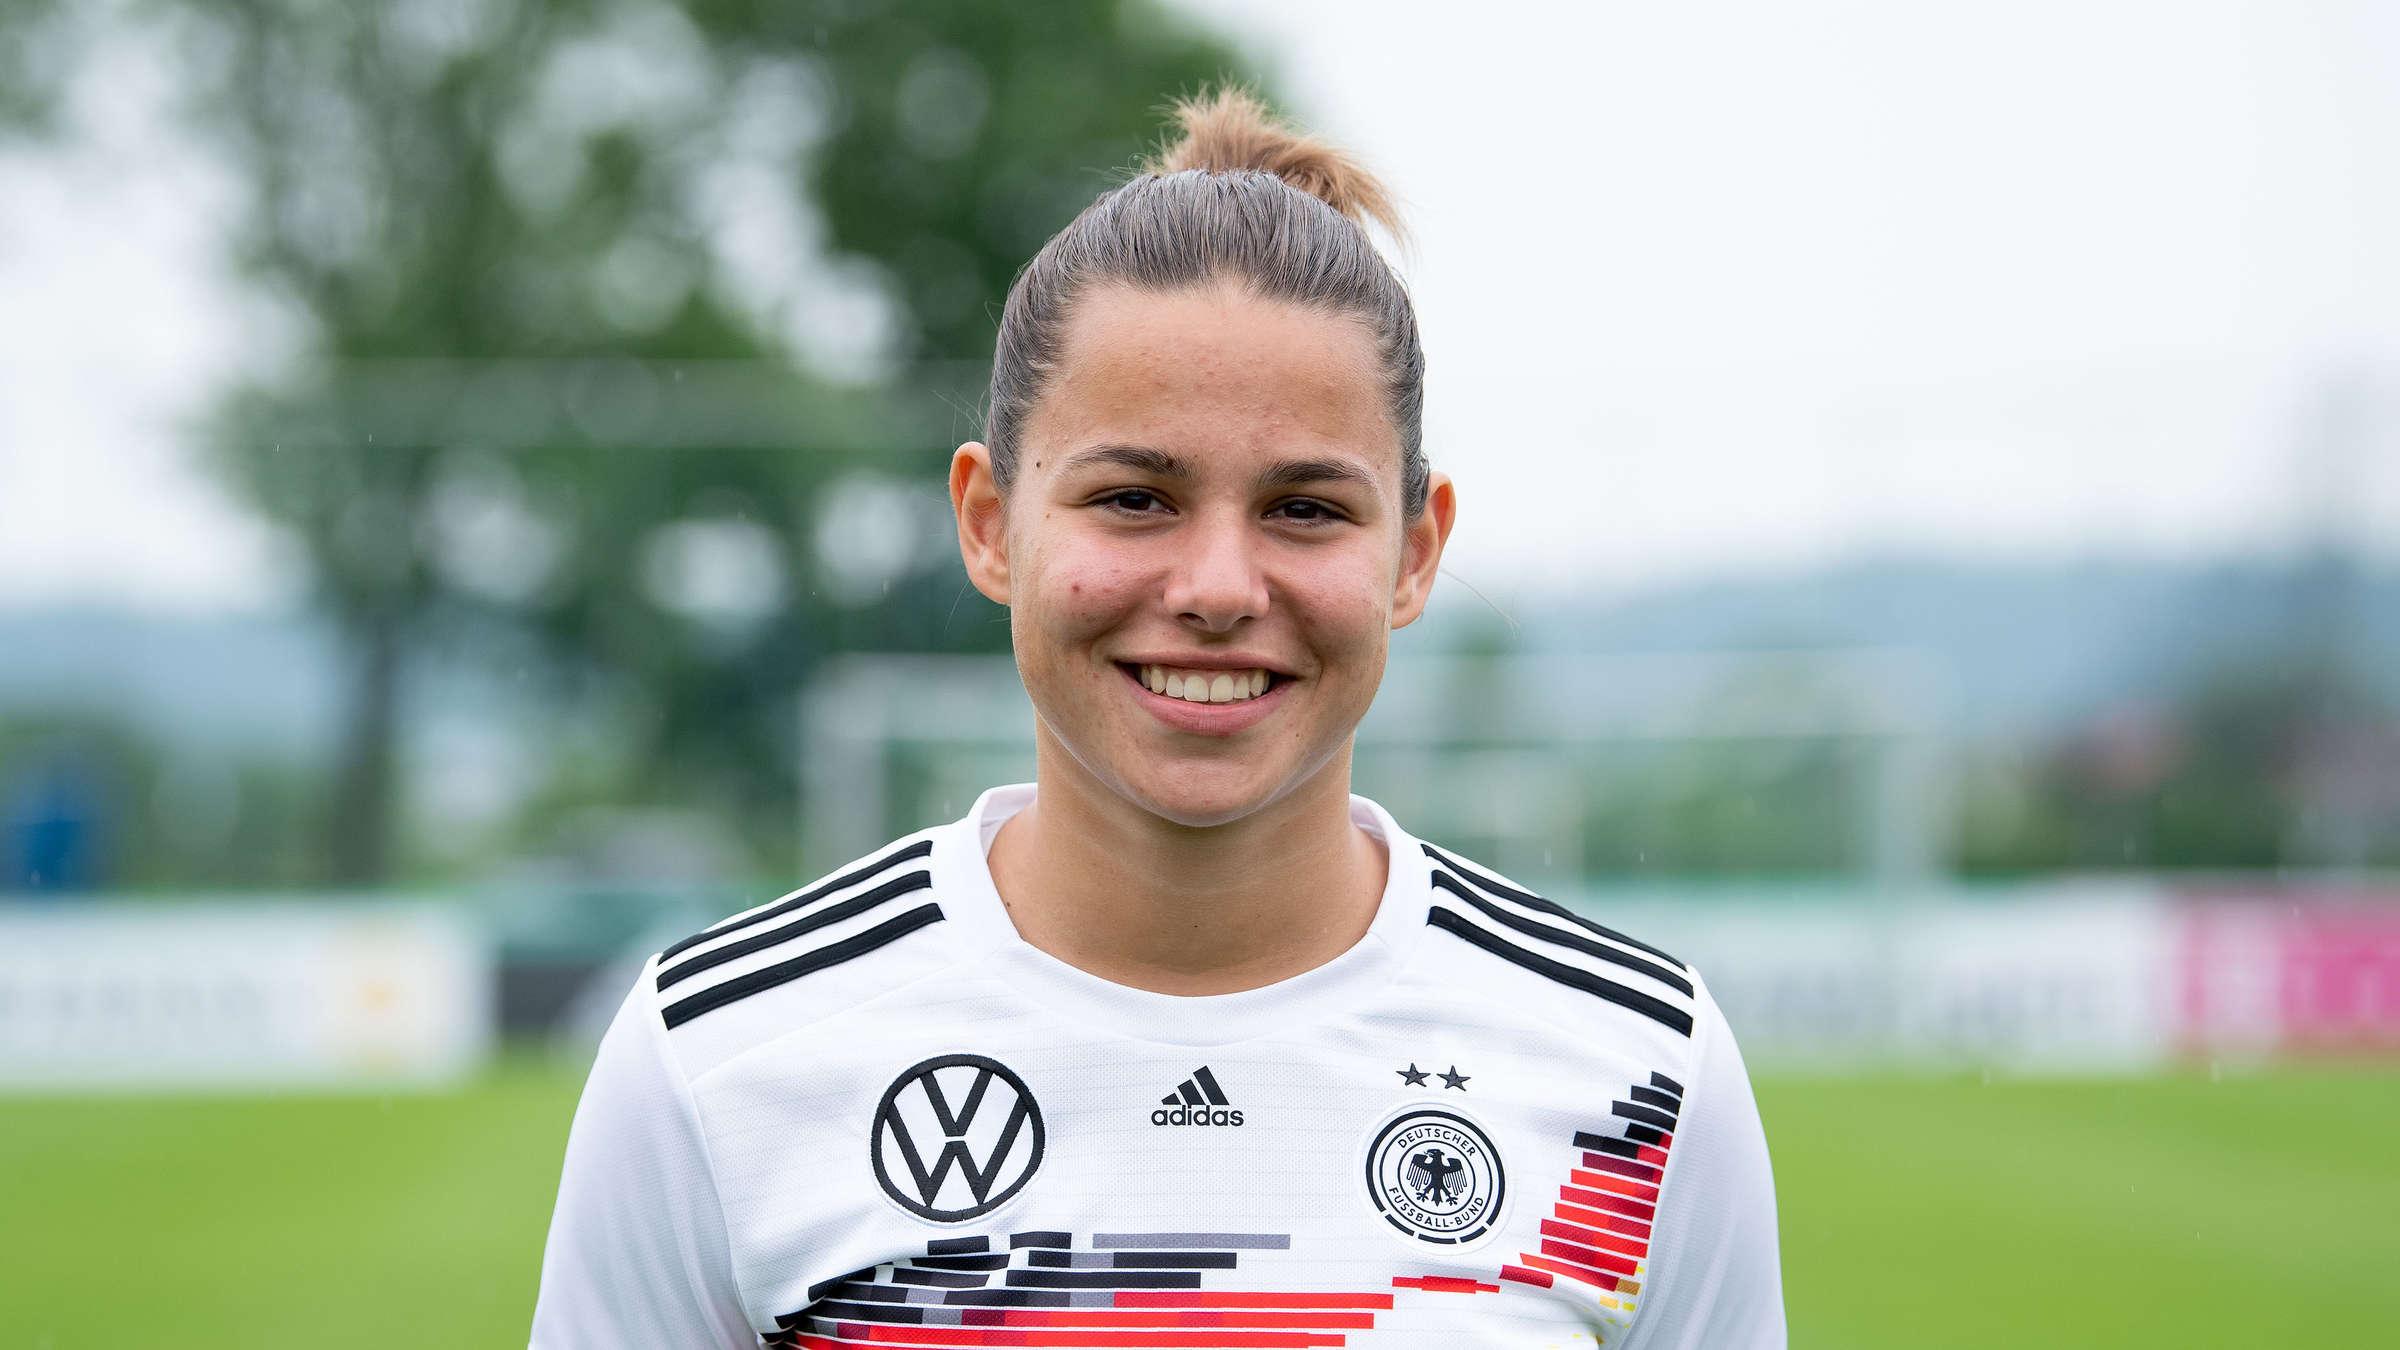 Fußball-WM der Frauen: Lena Oberdorf - die deutsche Überfliegerin in  Frankreich   Fussball